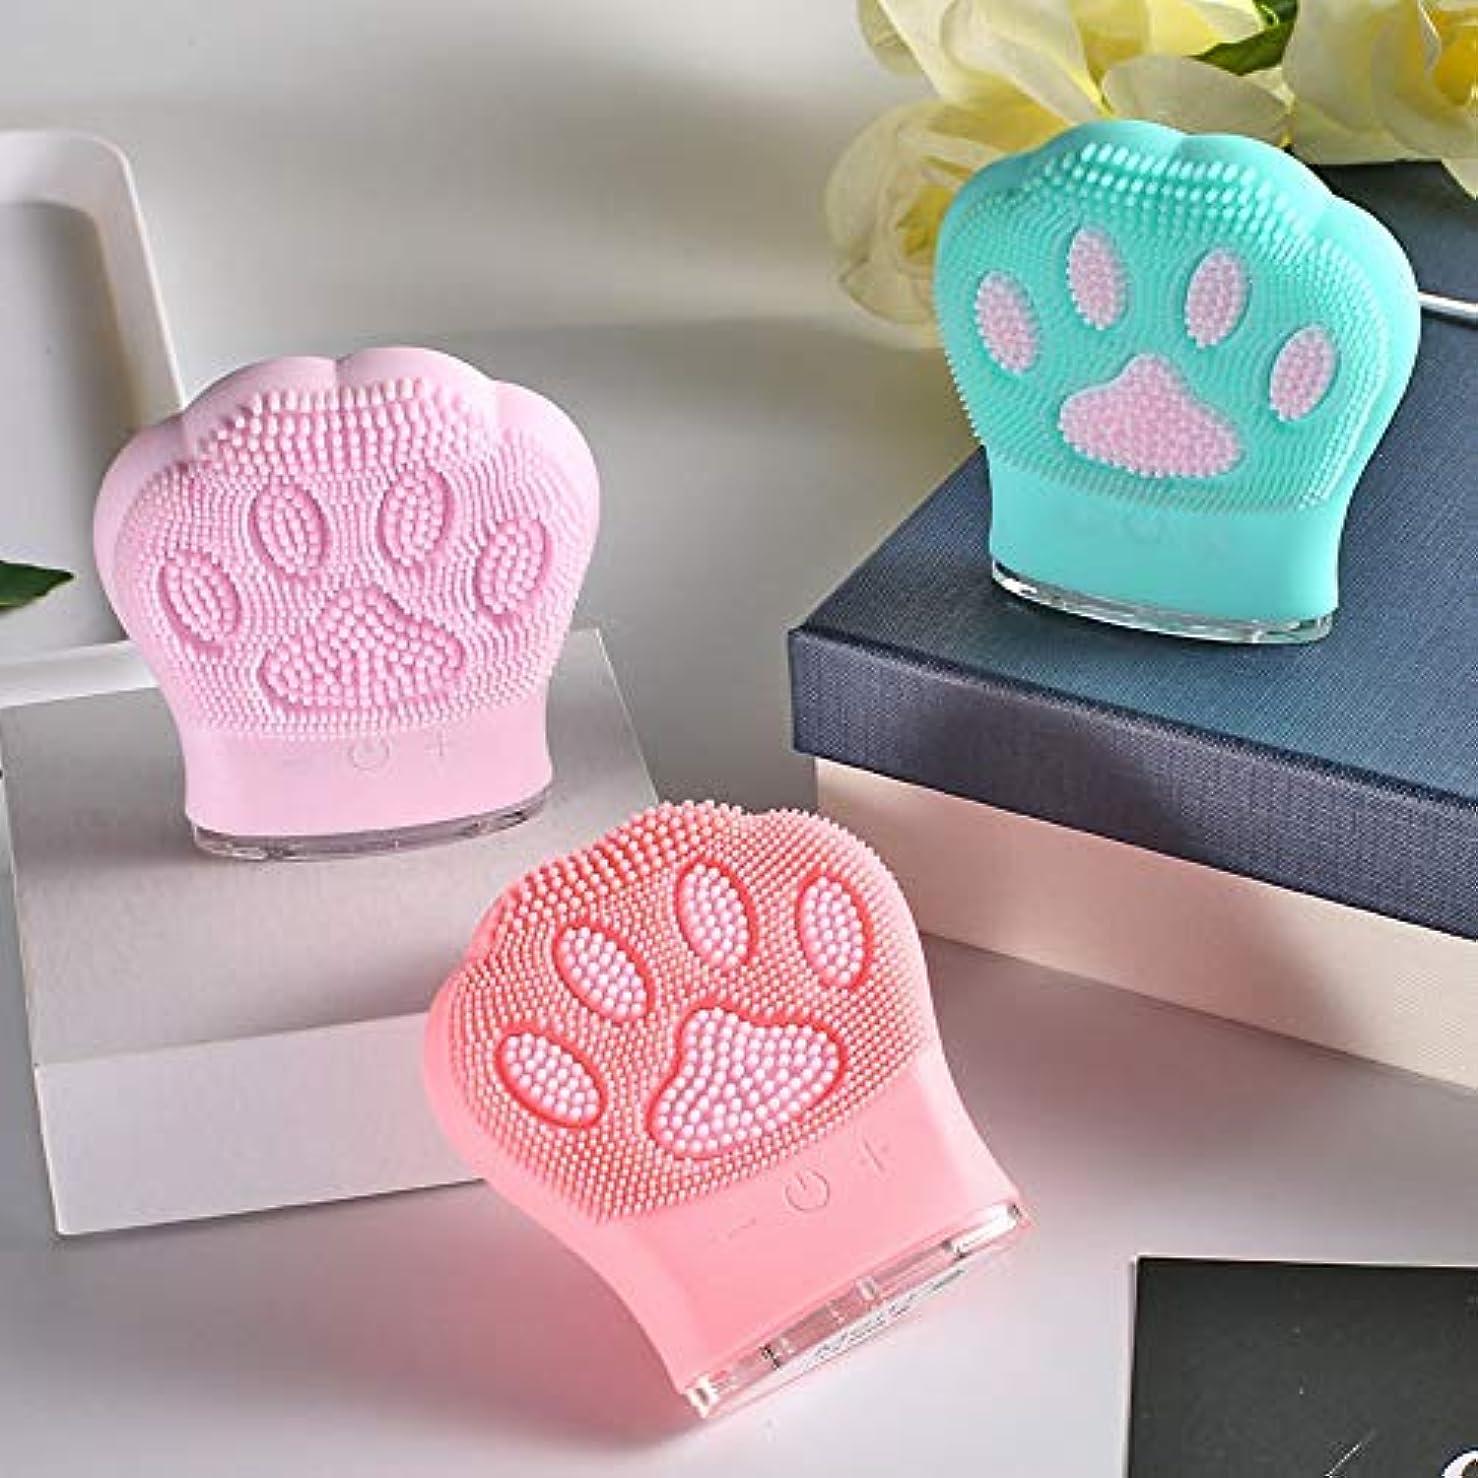 政府アストロラーベ不均一ZXF 新しい猫の爪形状シリコーンクレンジング楽器超音波充電洗顔器具ガールフレンド小さなギフト洗浄ブラシピンク赤青セクション 滑らかである (色 : Pink)